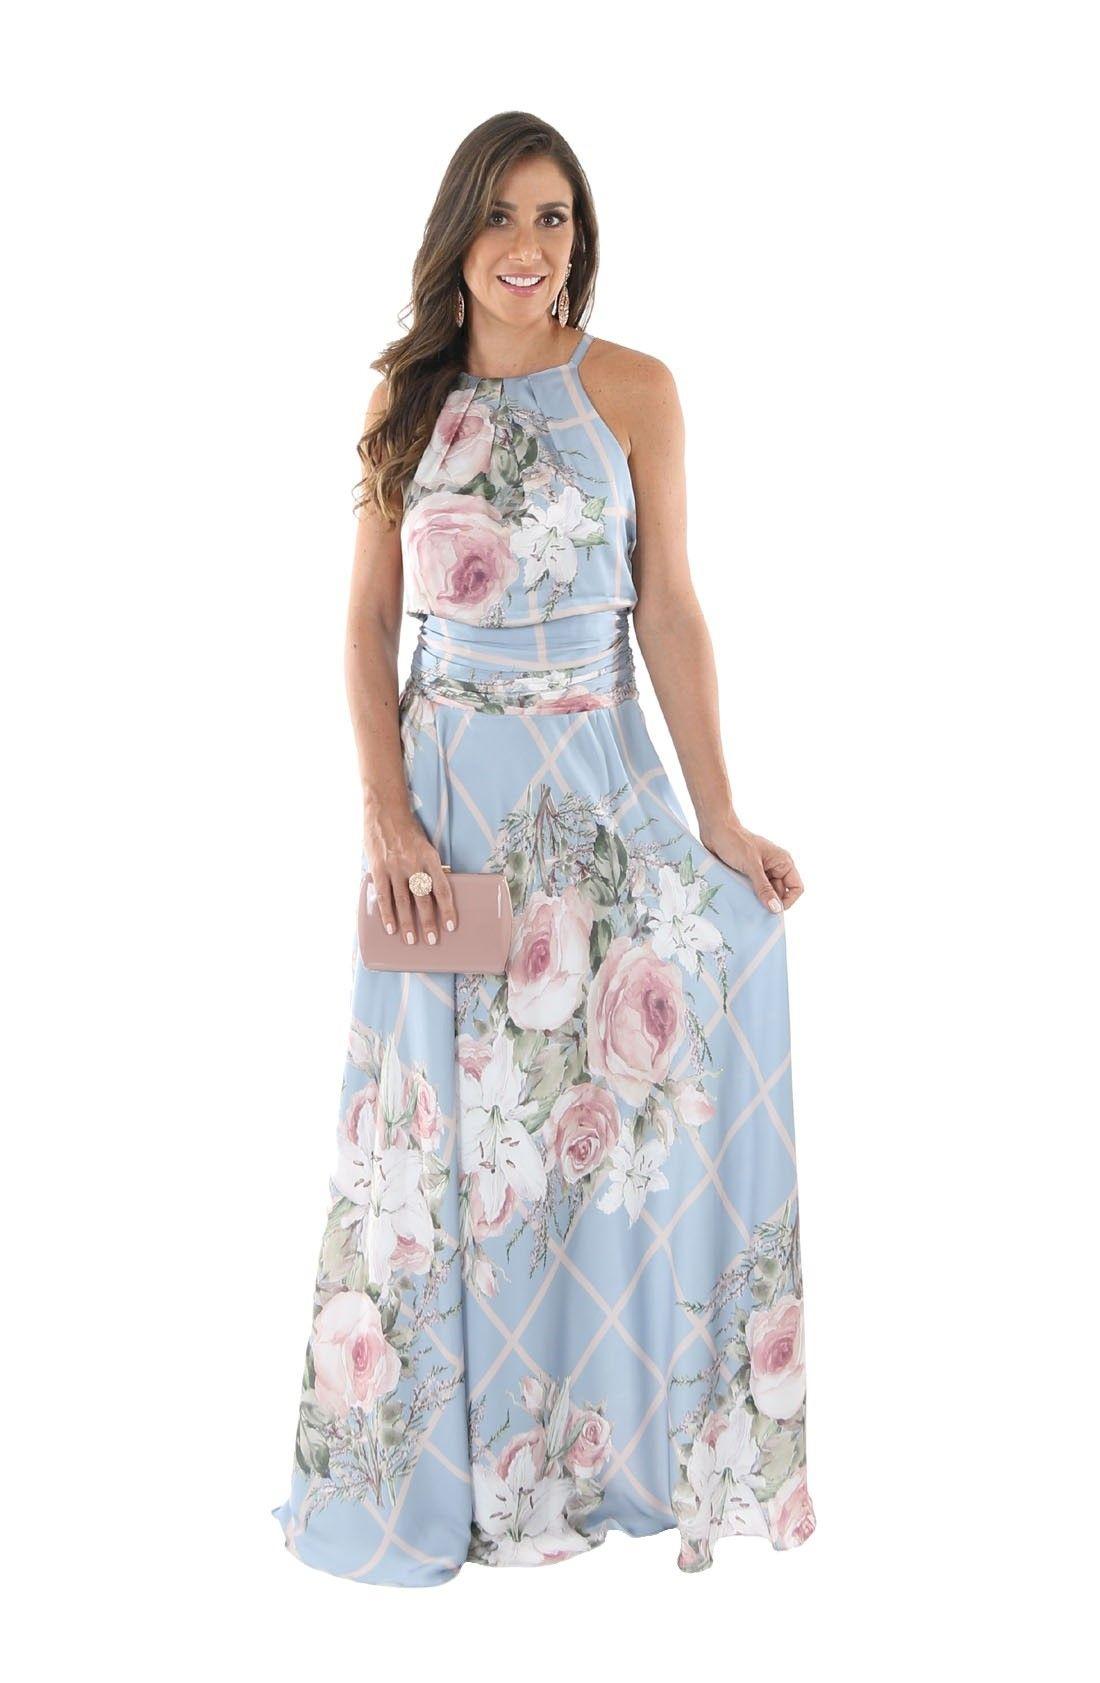 a717f3e388a3 Vestido de Festa Cetim Toque de Seda Blusê Azul » Longo Vestido de Festa  Cetim Toque